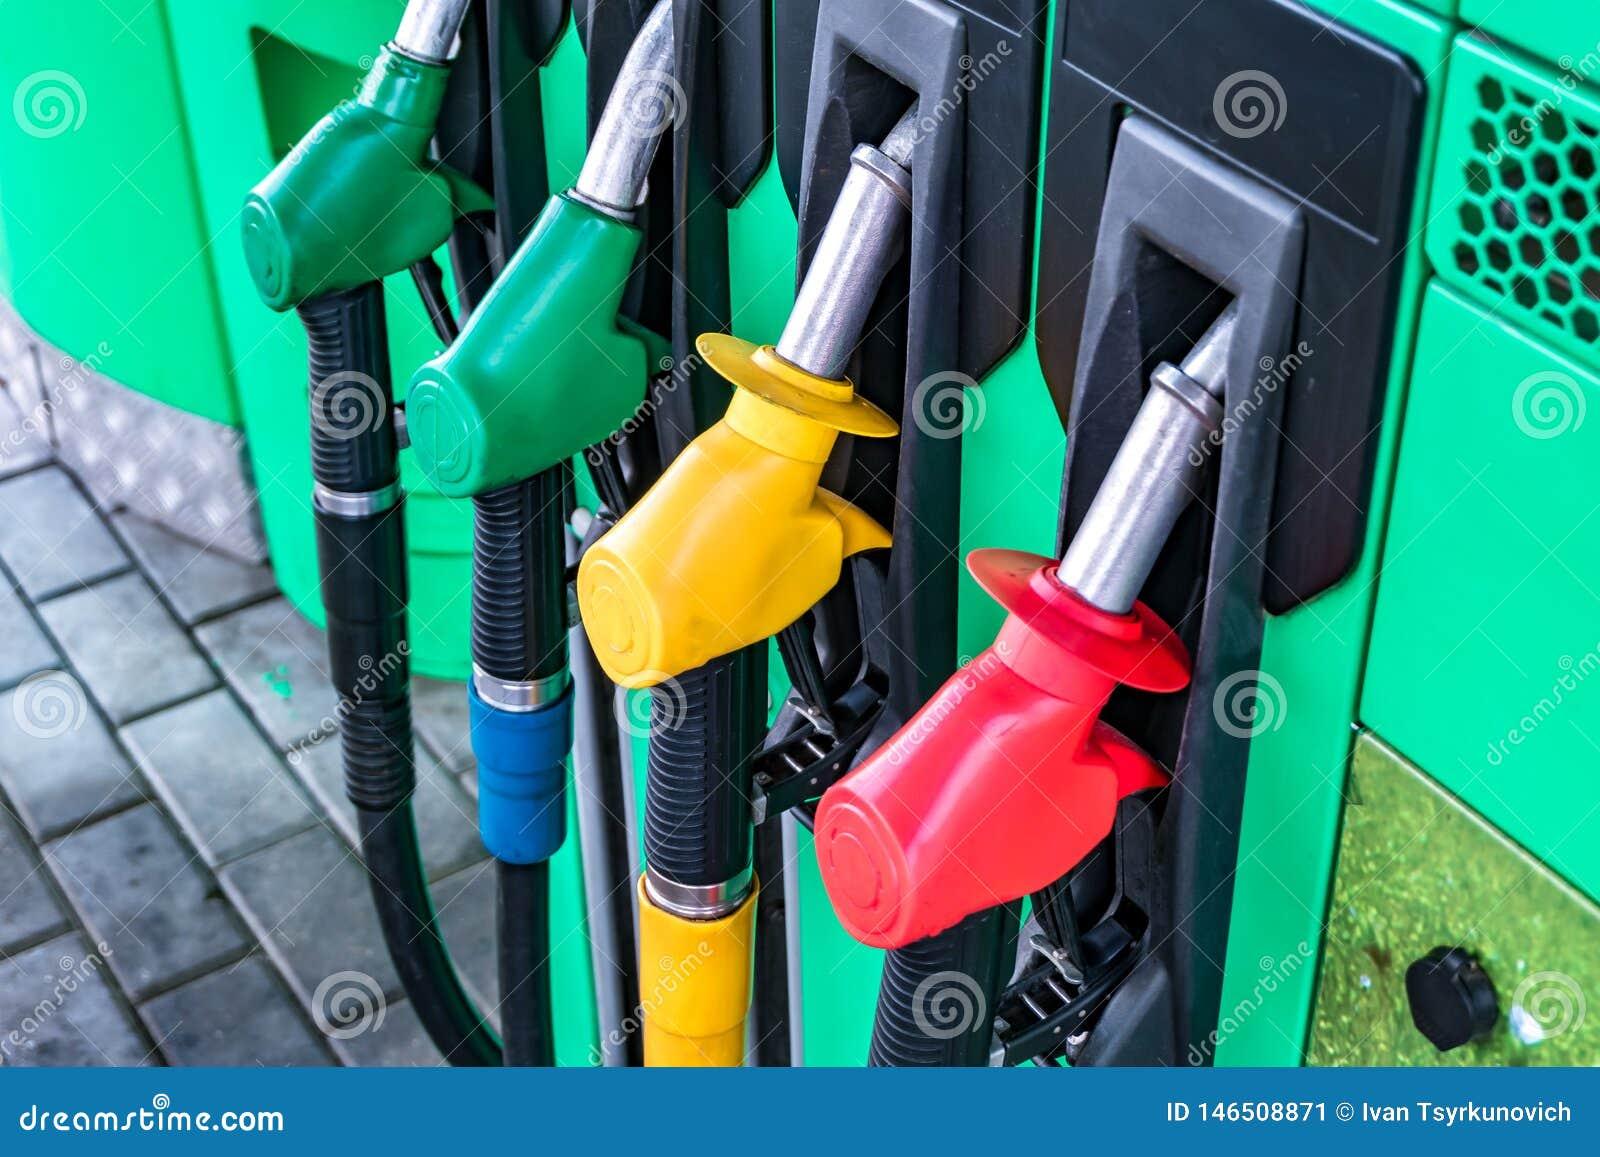 G?s e posto de gasolina Armas para reabastecer em um posto de gasolina Detalhe de cores diferentes de uma bomba de gasolina no po